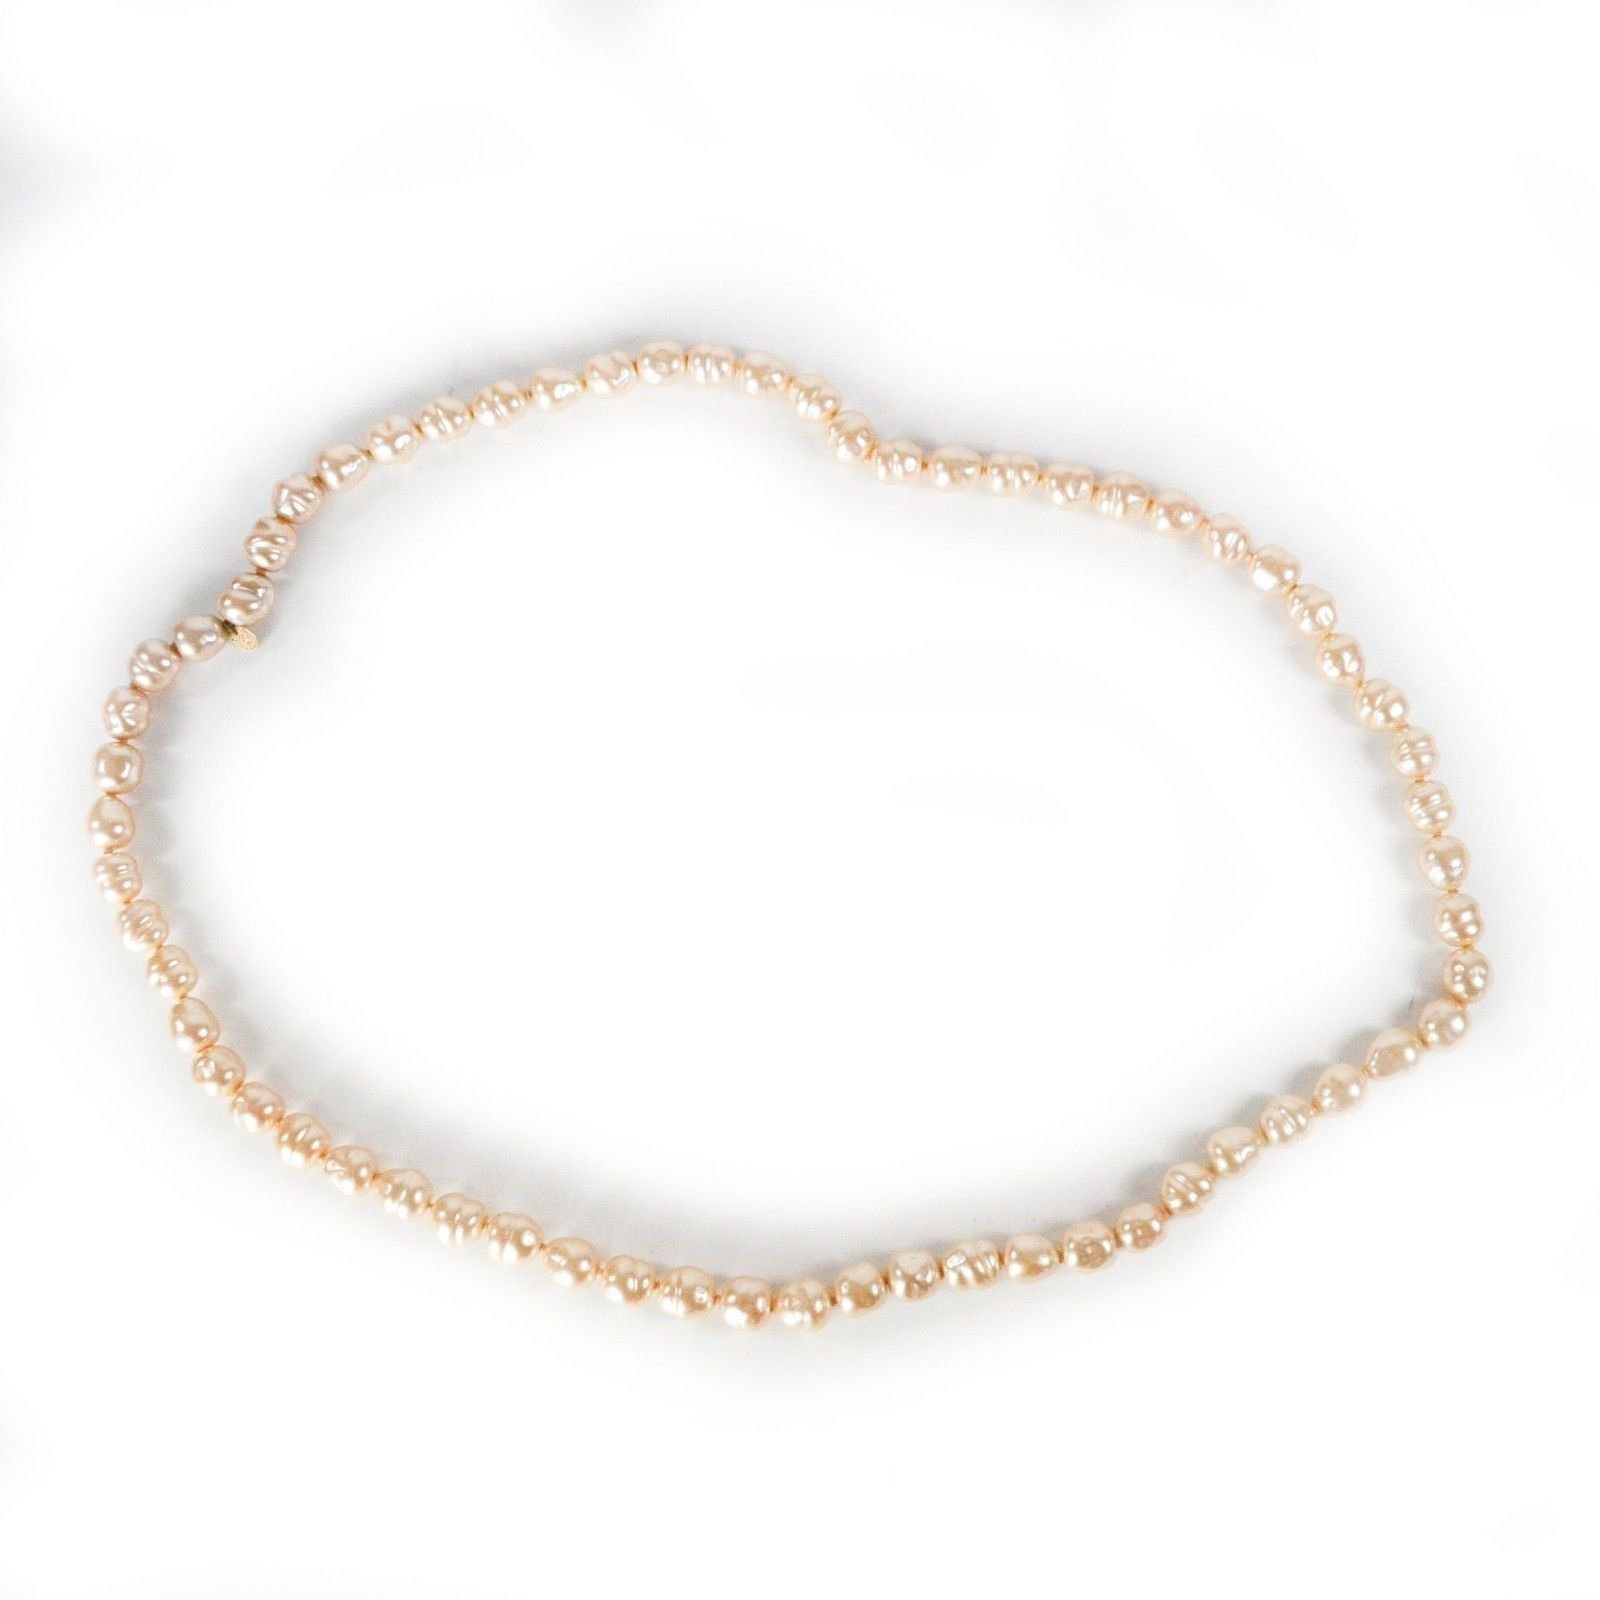 79095ea2fe2 Colliers Chanel Collier de perles Vintage Perle Blanc ref.37195 ...